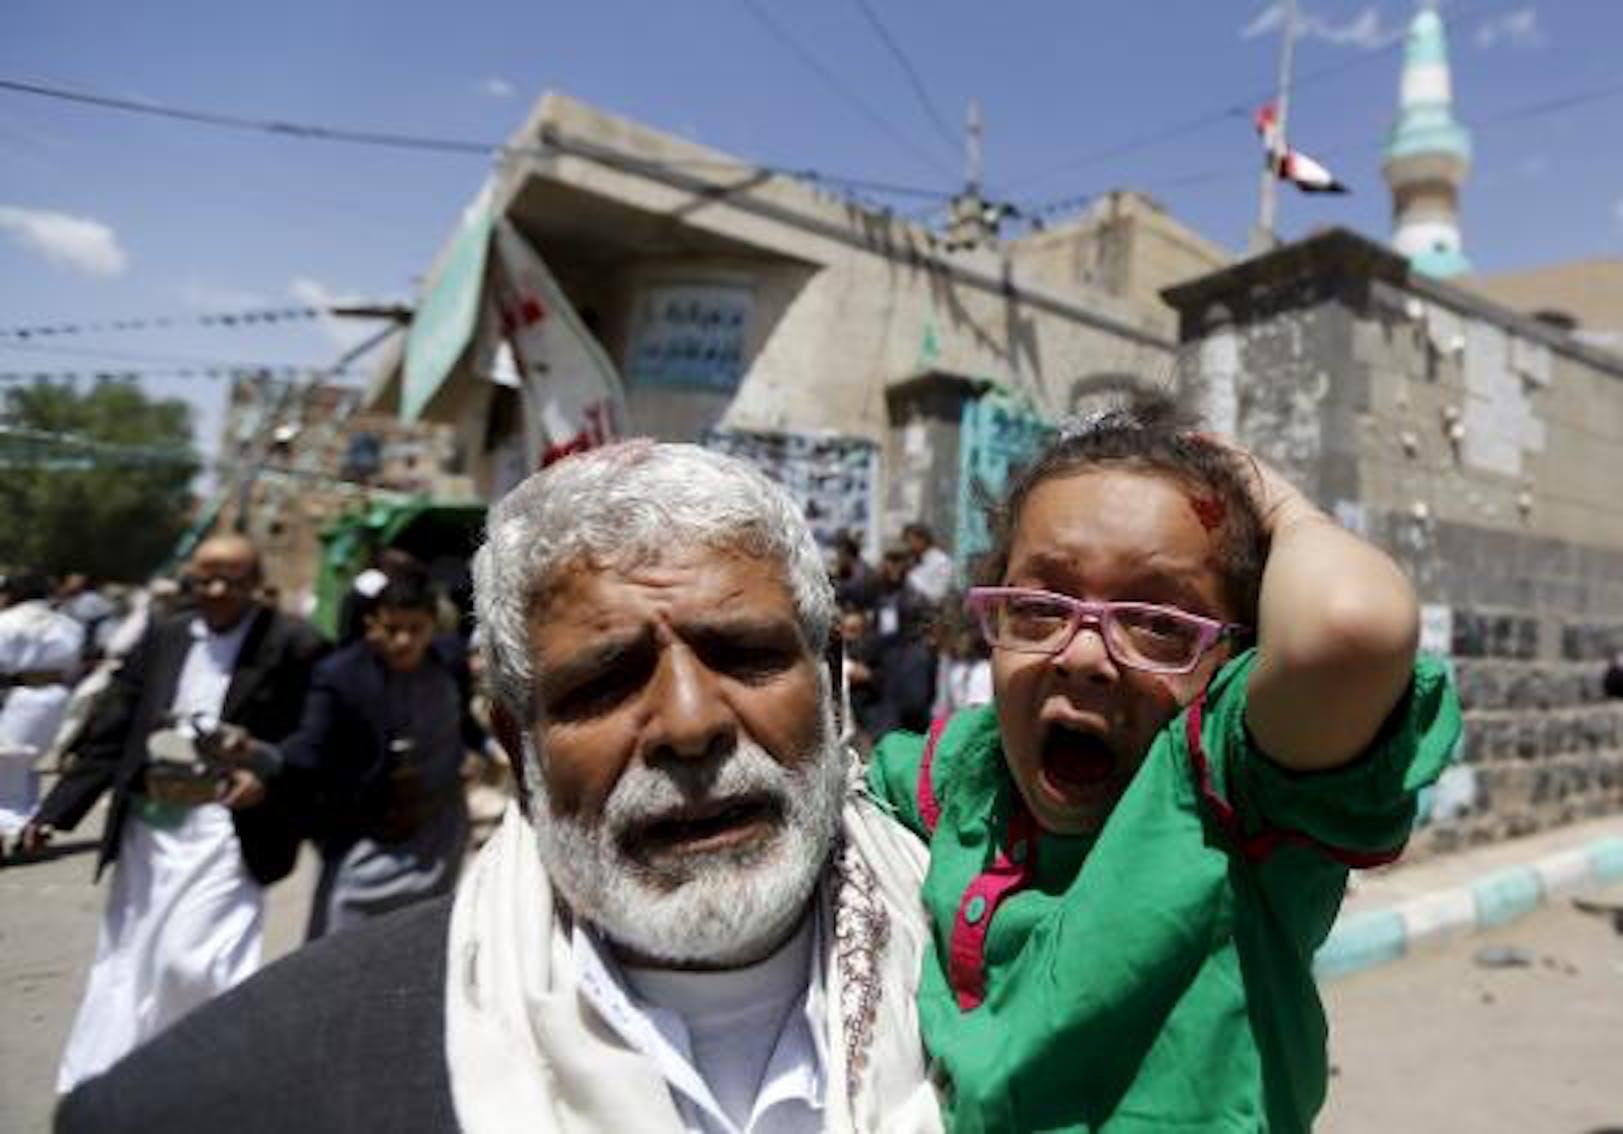 Una bambina terrorizzata e ferita viene portata via da una delle due moschee di Sana'a colpite dagli attentatori kamikaze il 20 marzo 2015 - ©IINAnews.com